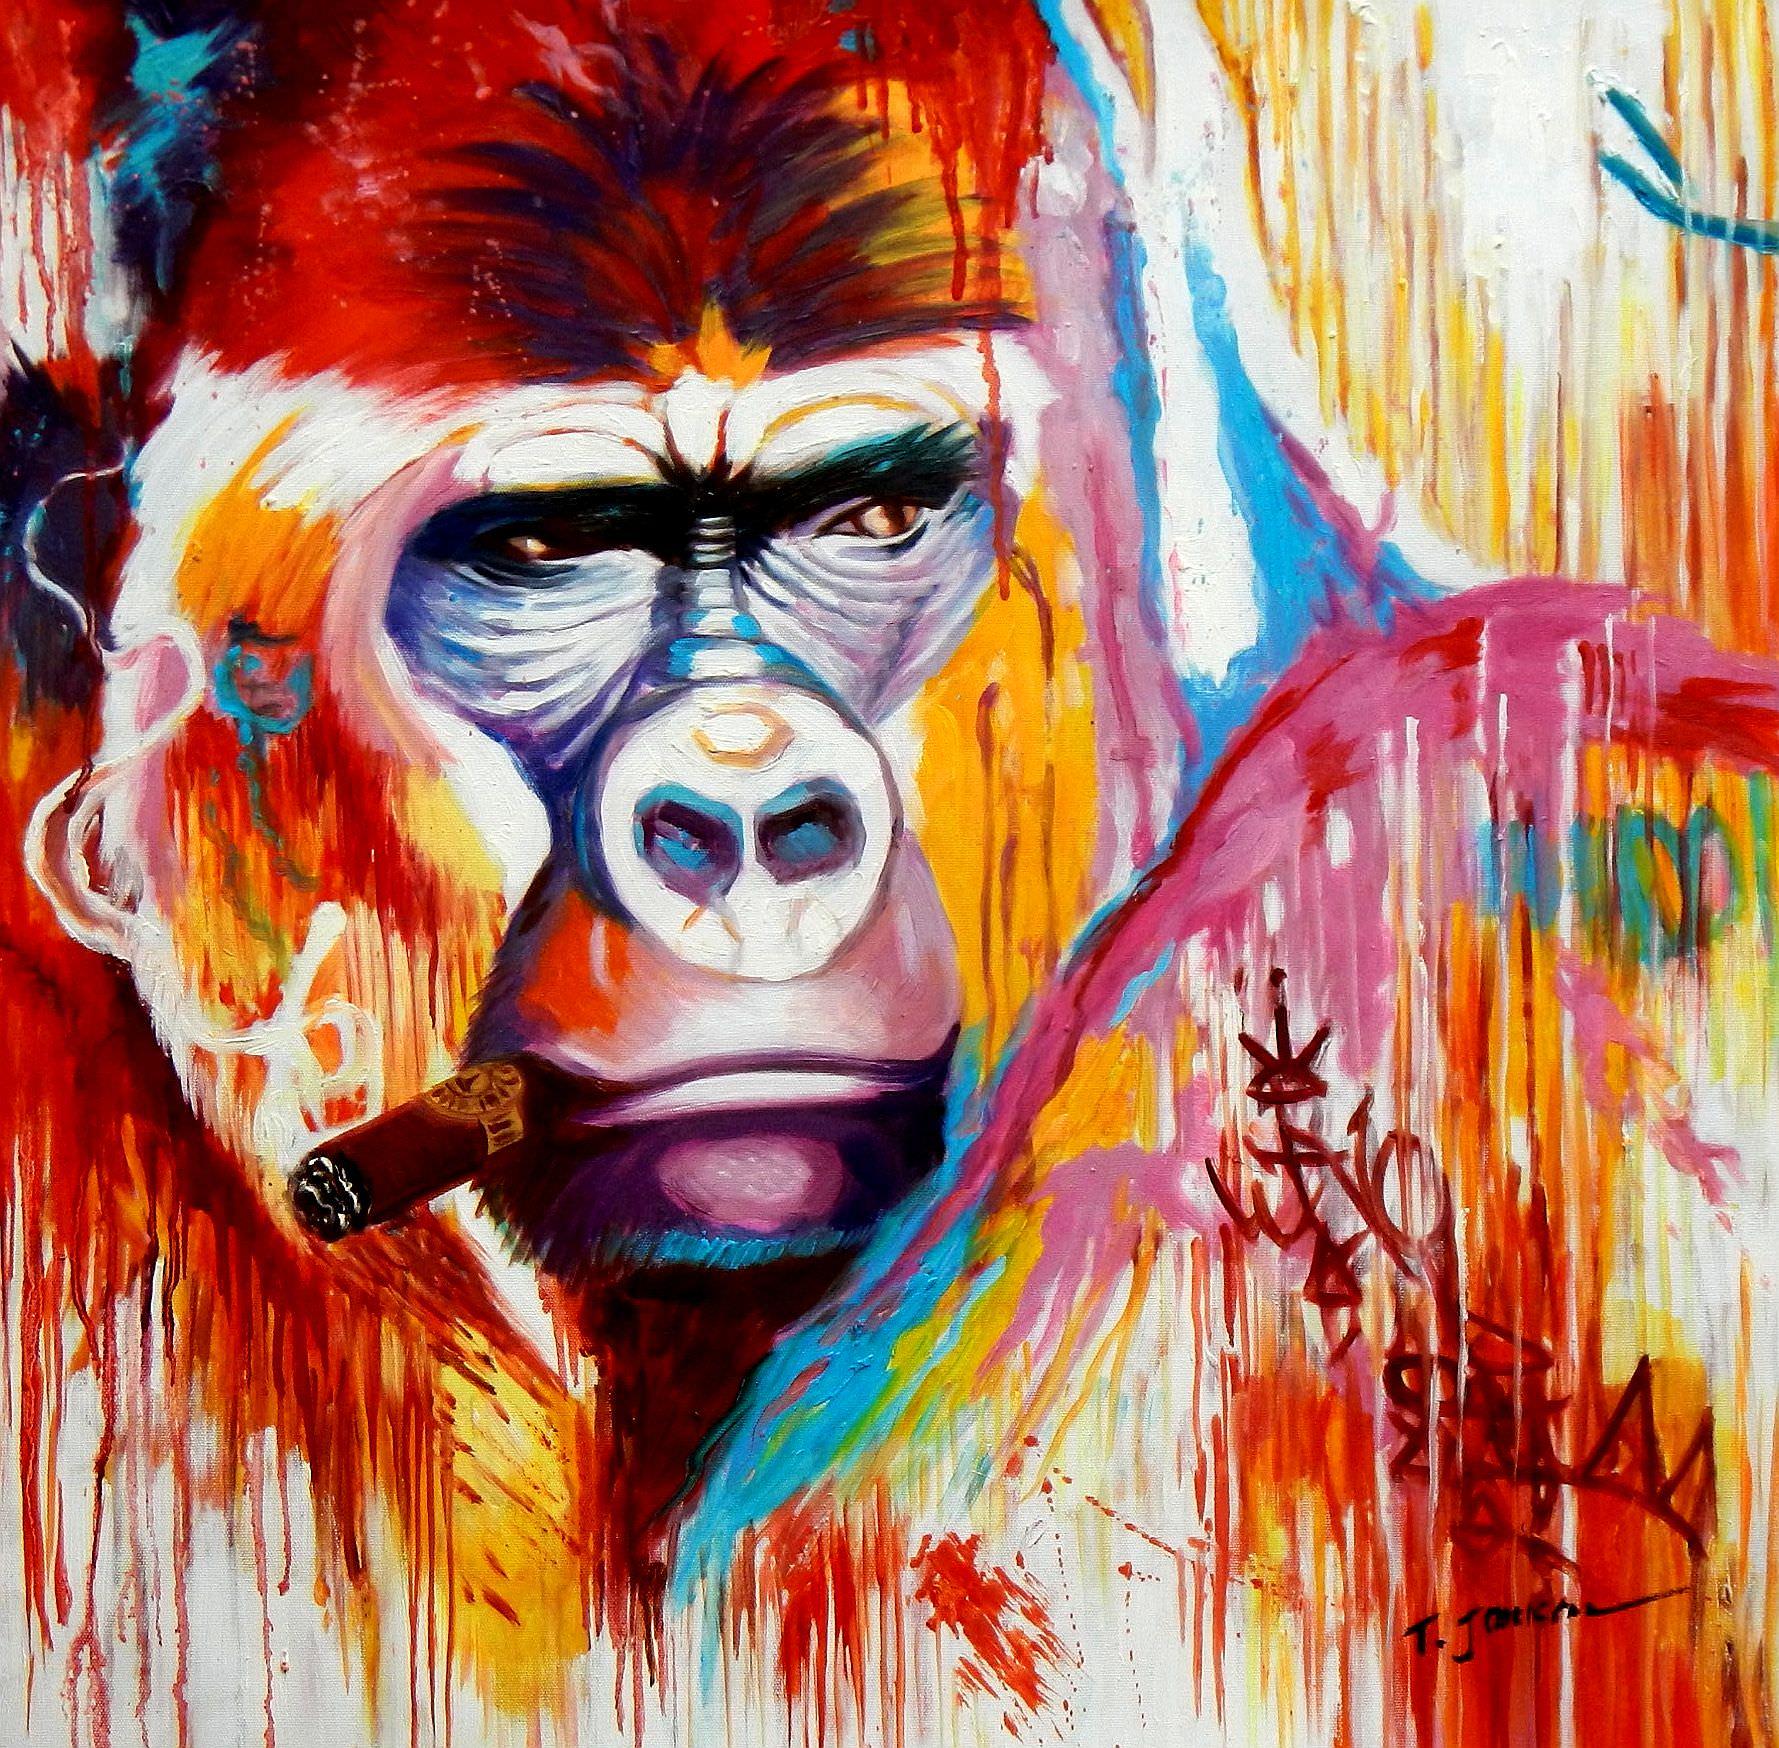 Modern Art - Gorilla mit Zigarre street art e95791 60x60cm exquisites Gemälde